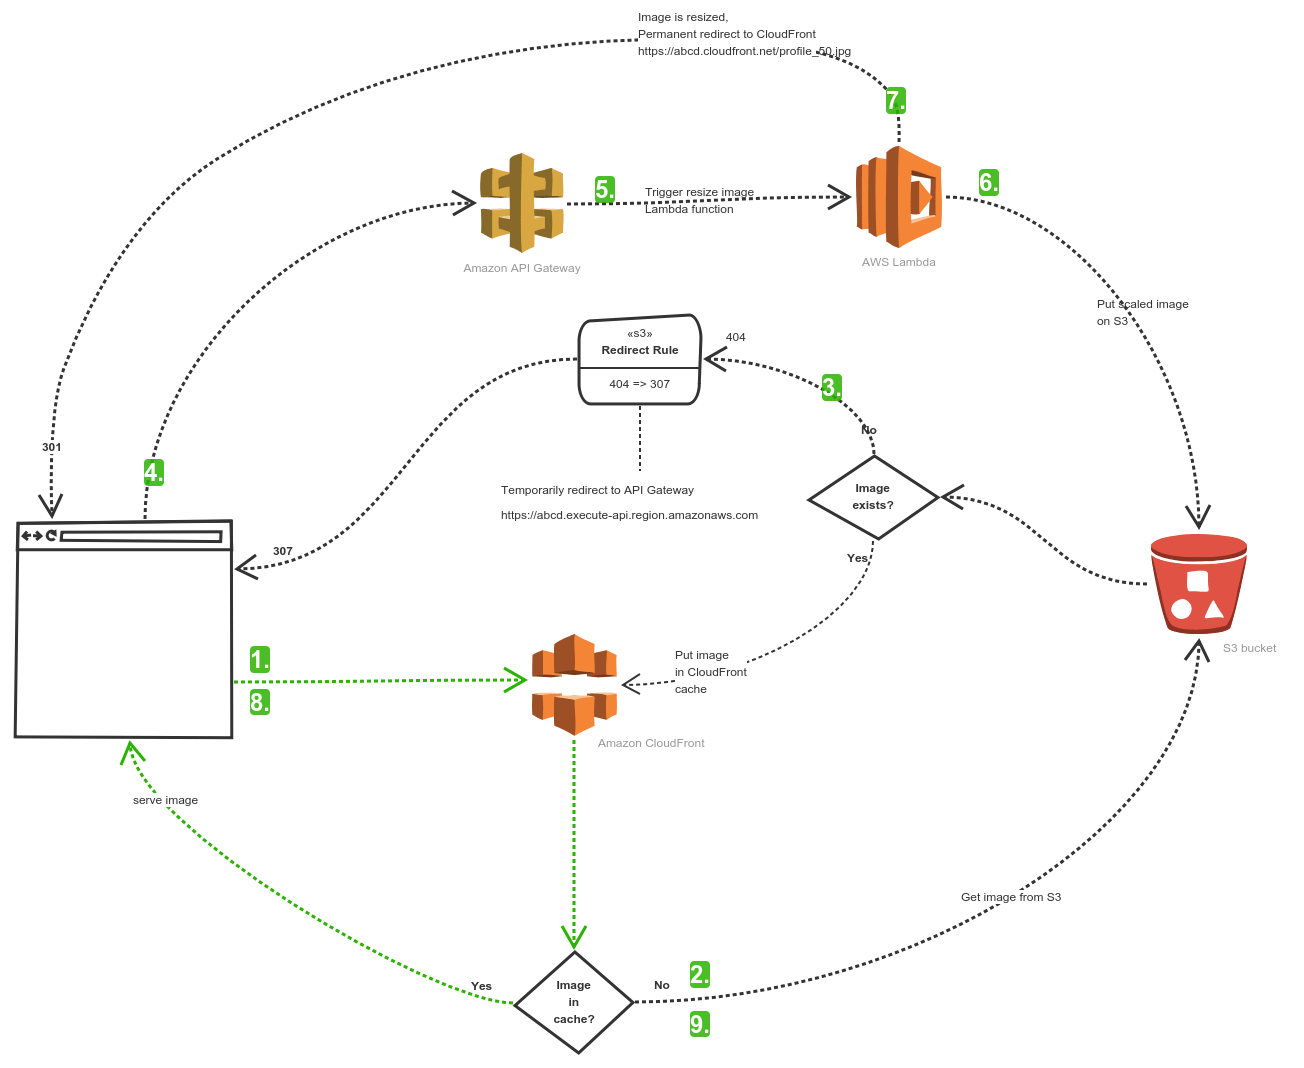 Serverless Image Resize With Amazon Lambda Function